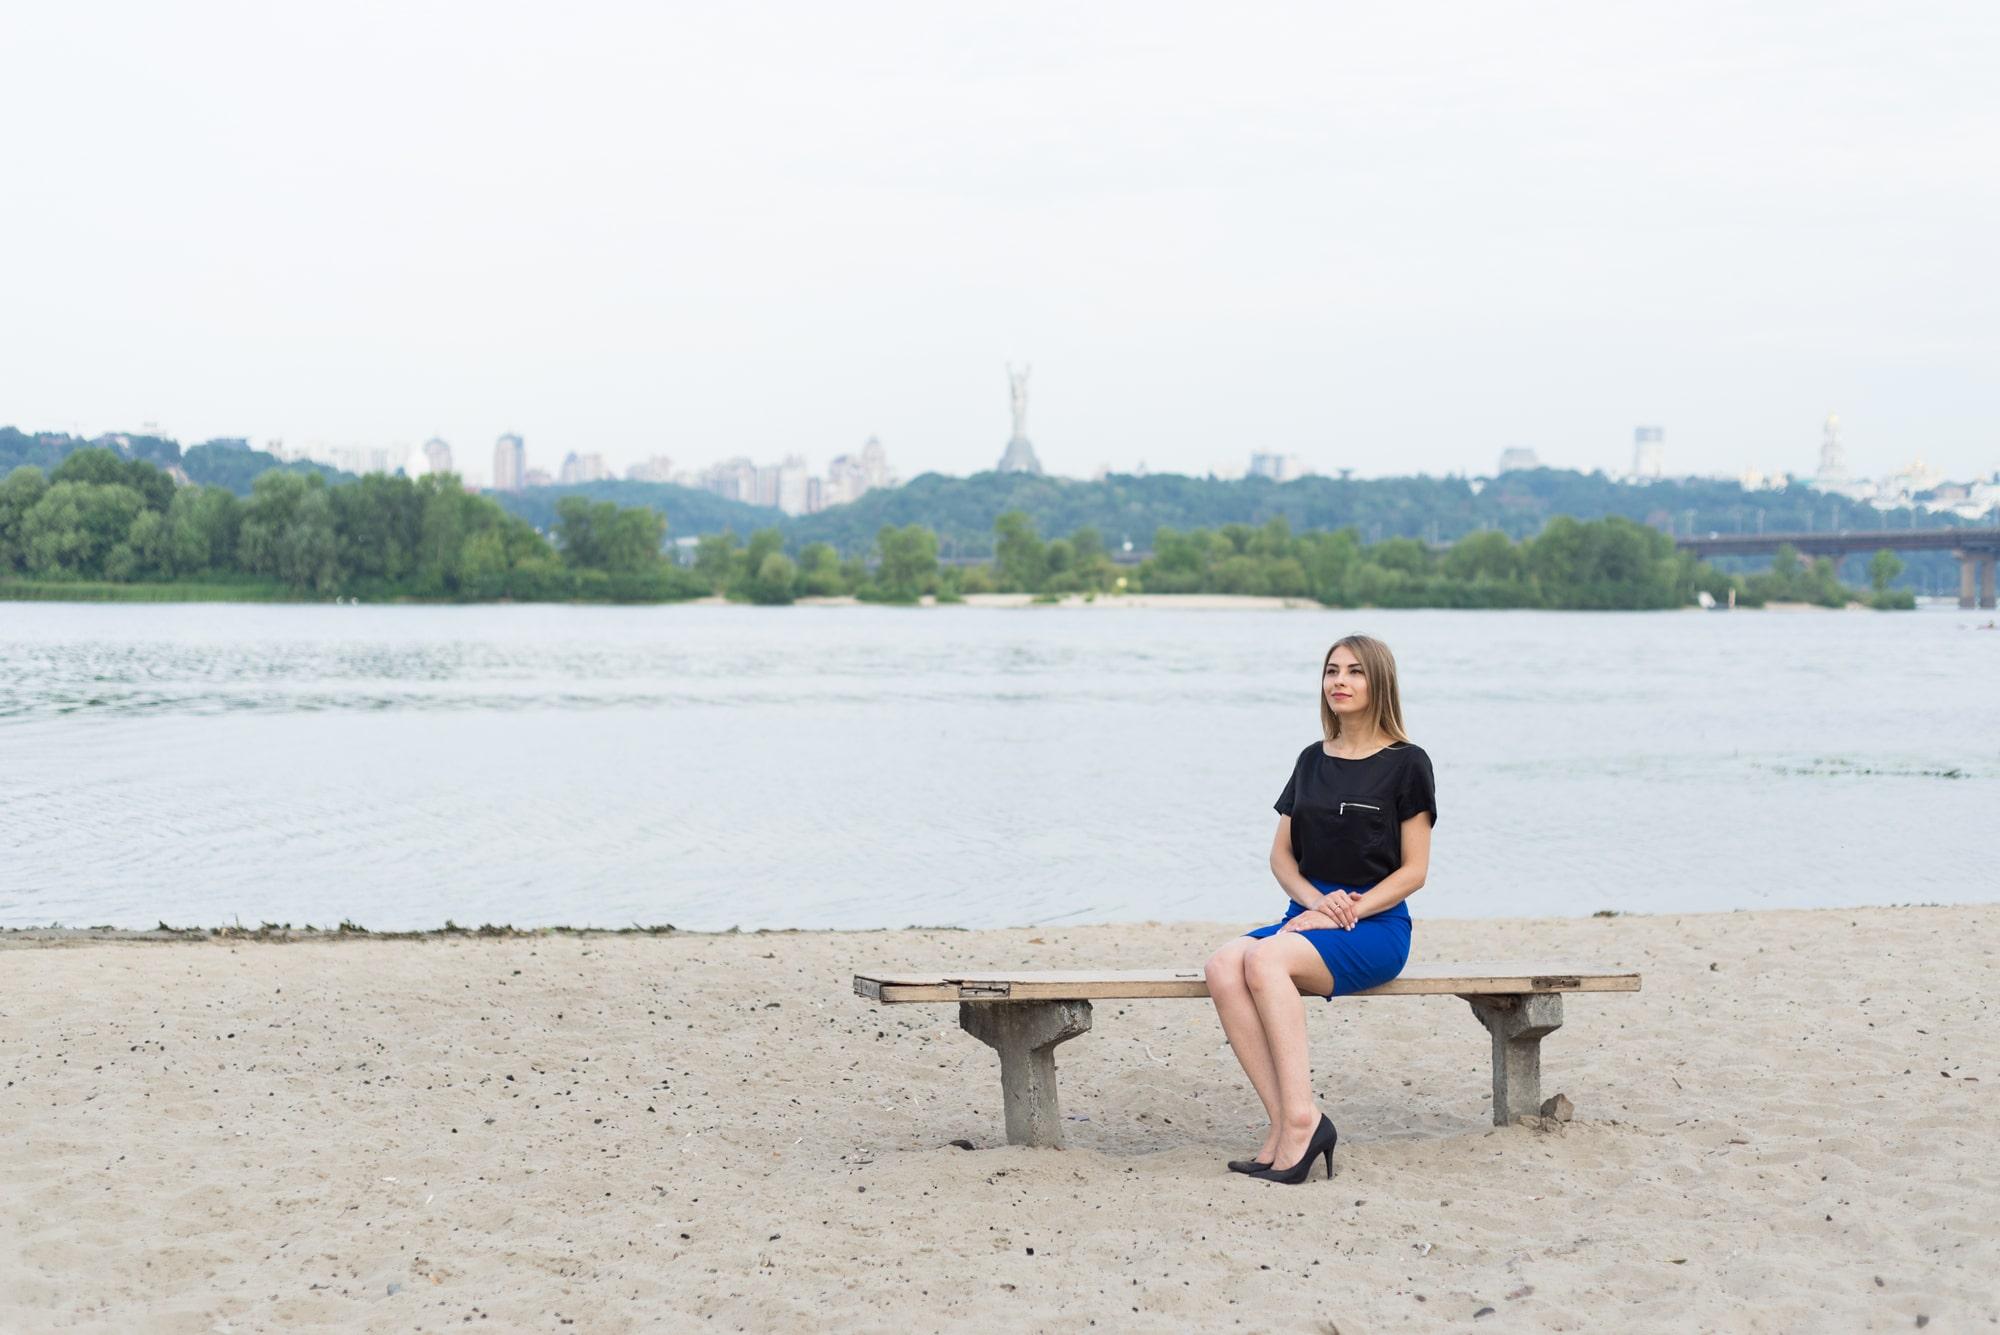 Фотосессия Love Story в Киеве - фотография девушки на скамье